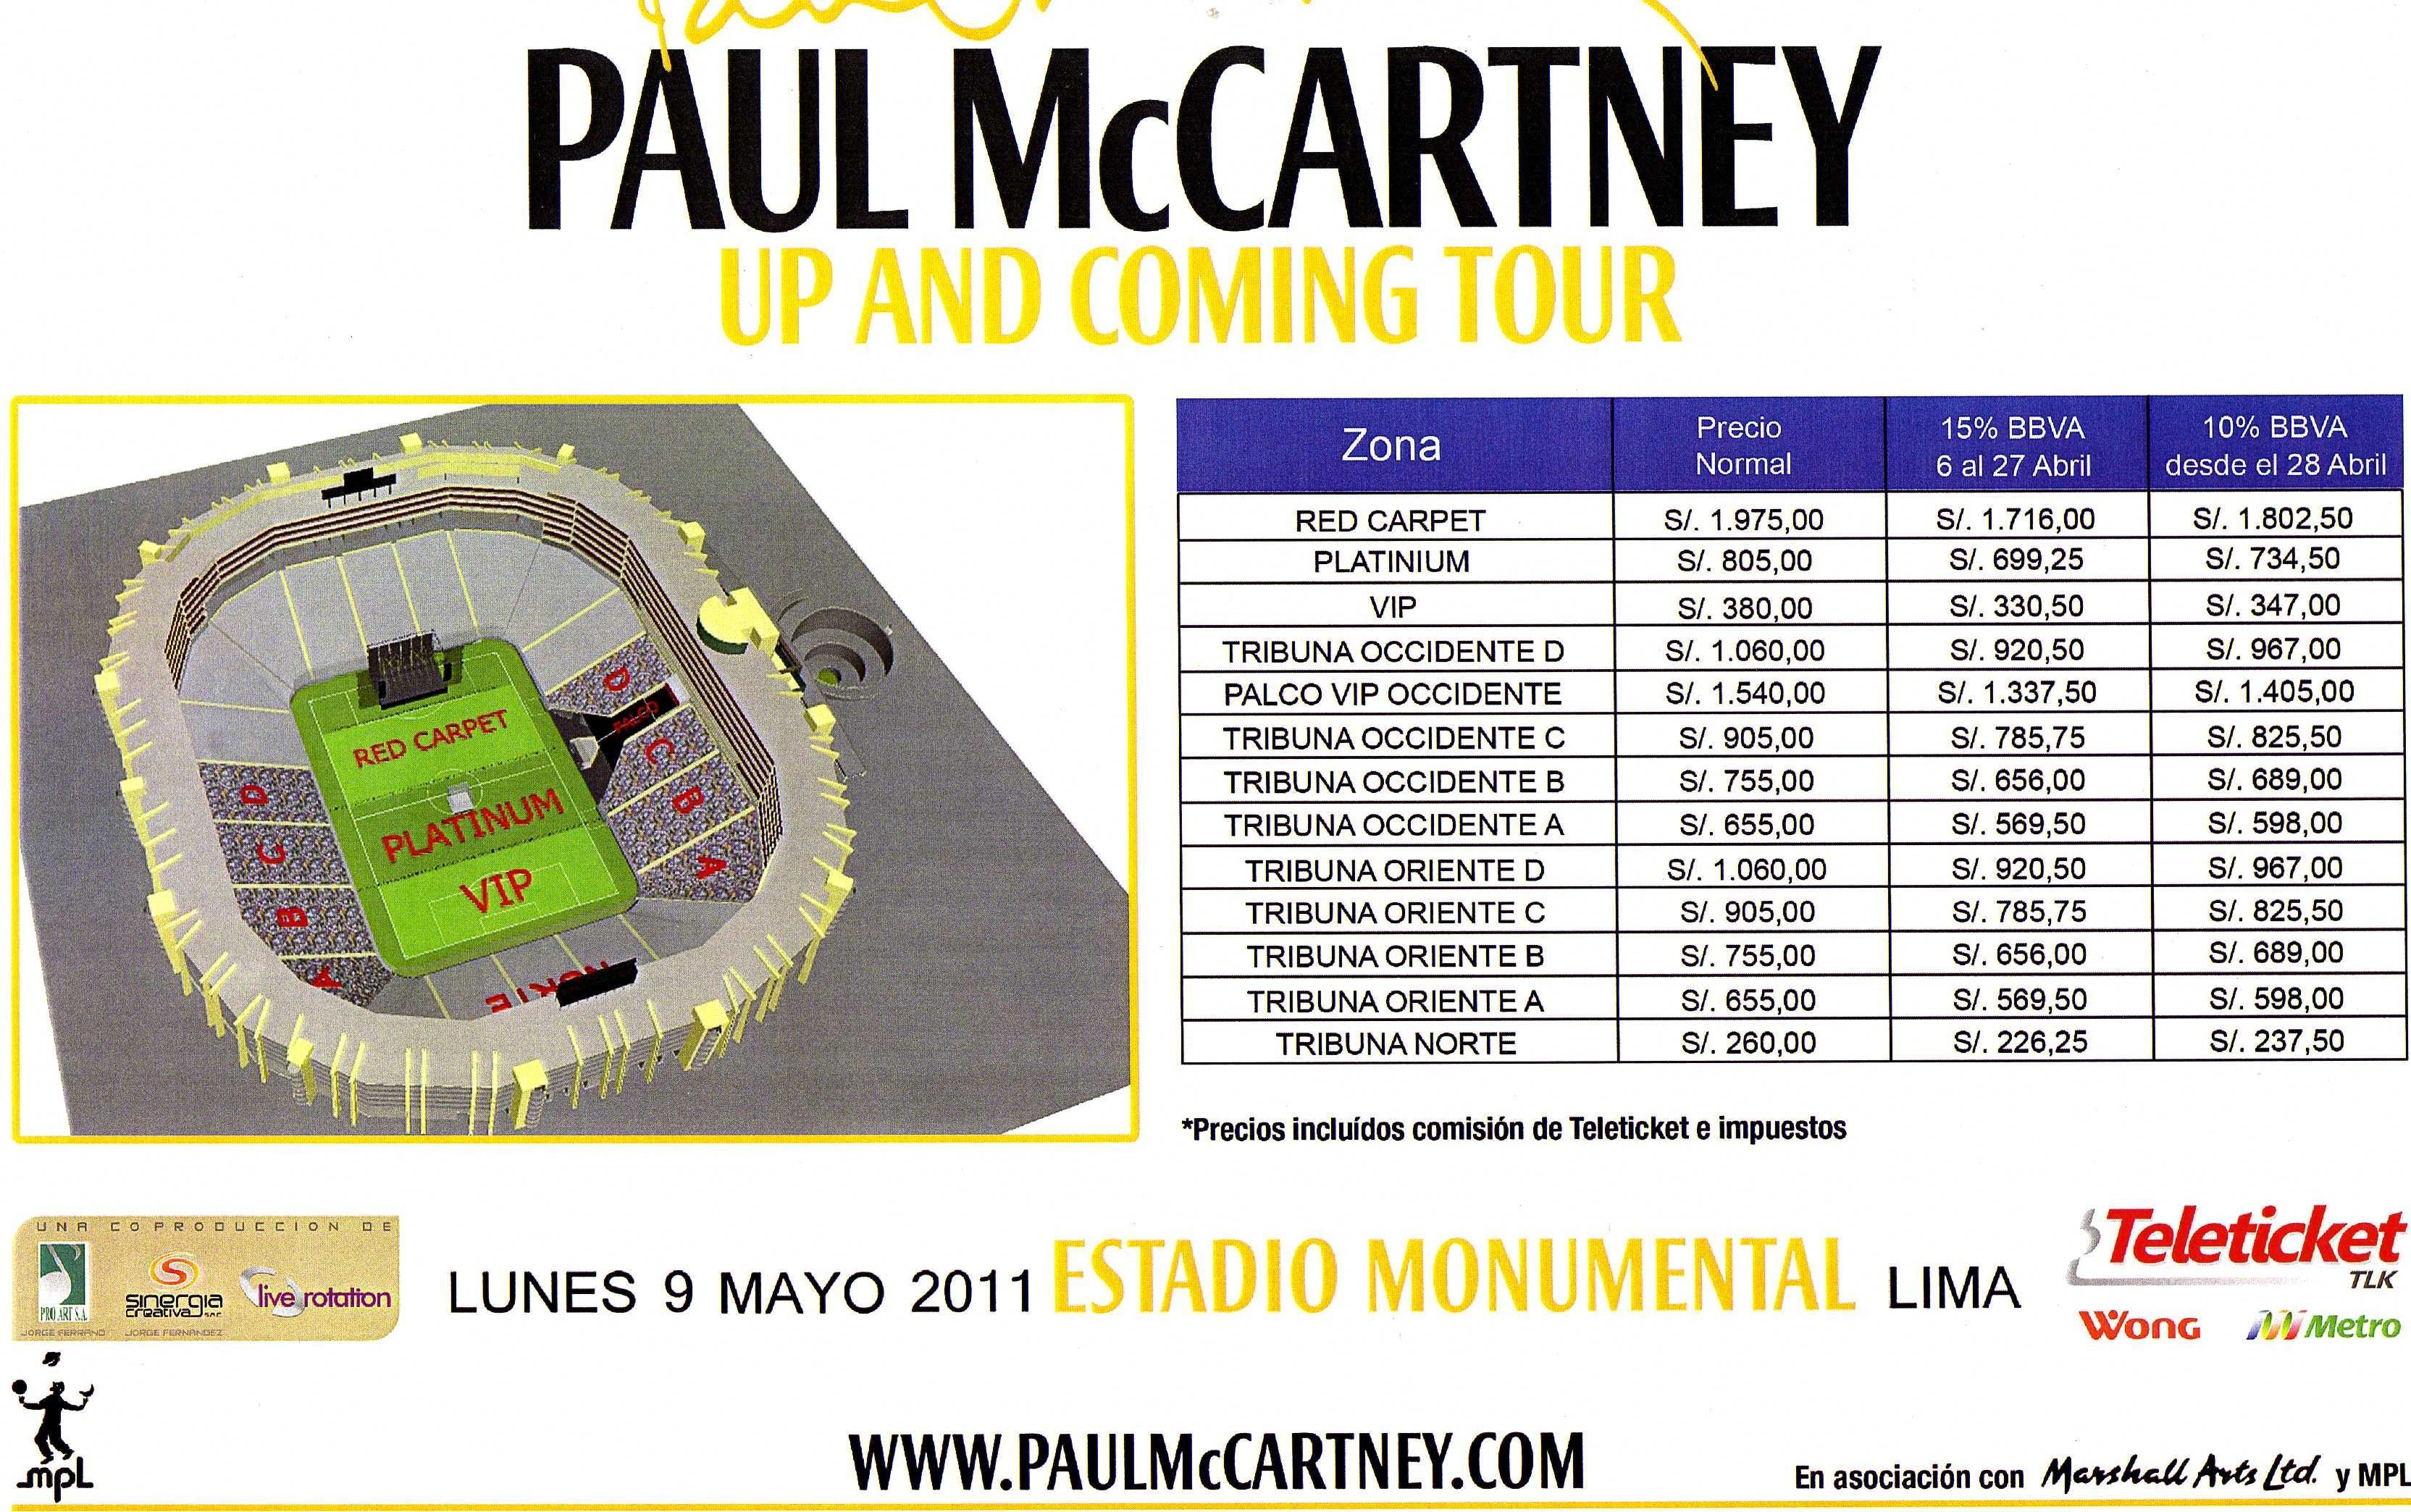 Paul mccartney en lima precios de entradas conciertos per for Puerta 9 del estadio nacional de lima